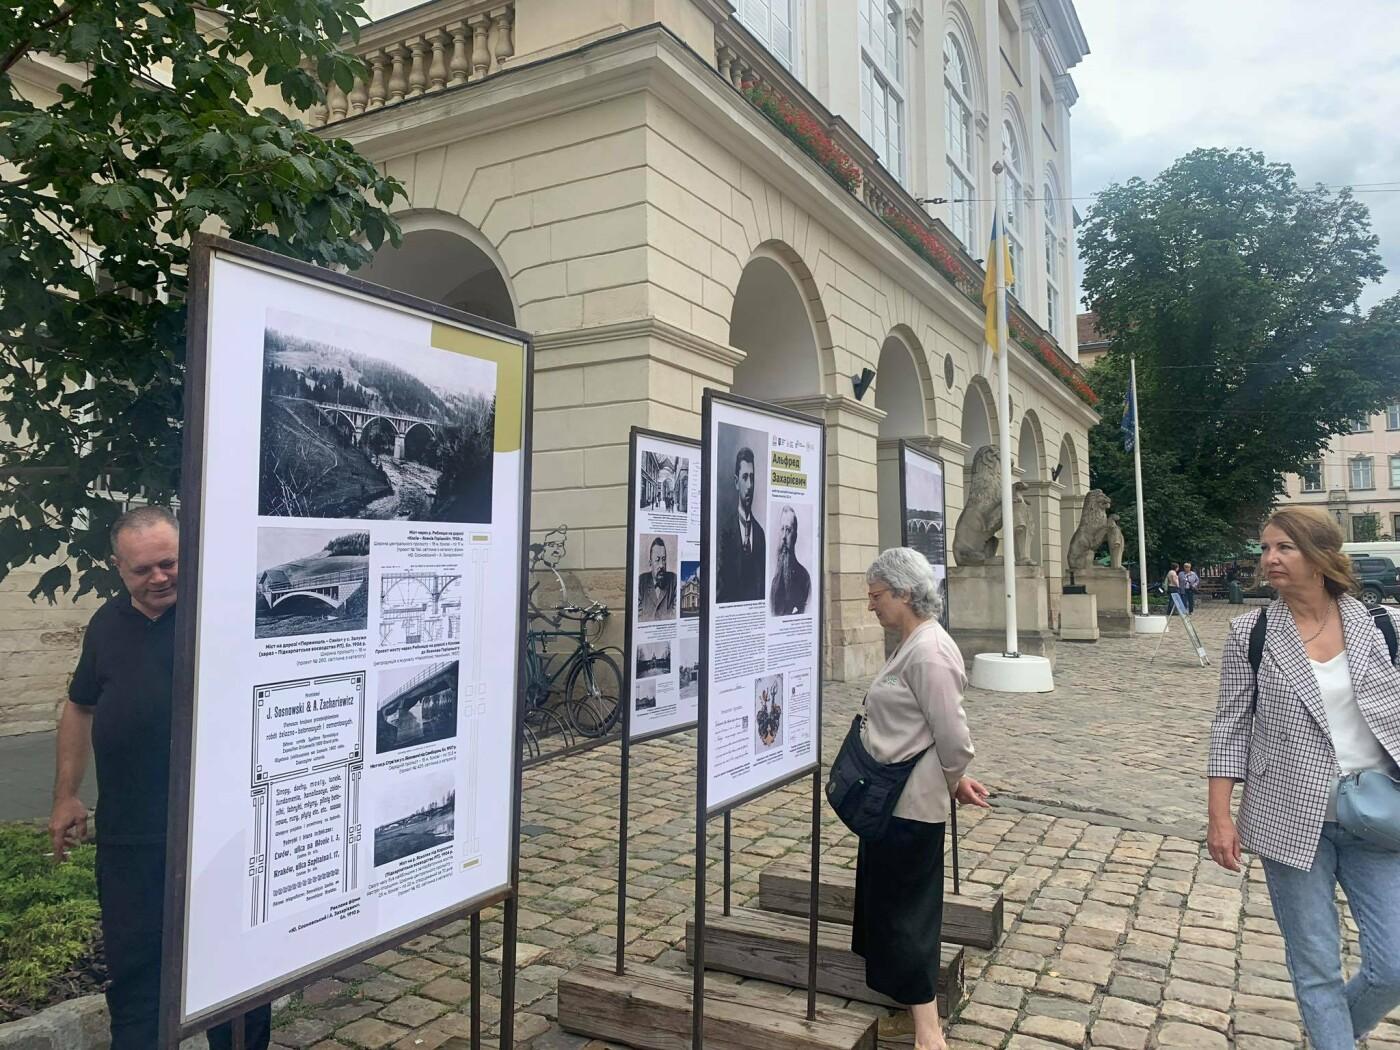 Початок кураторської екскурсії спорудами Альфреда Захарієвича, Фото - 032